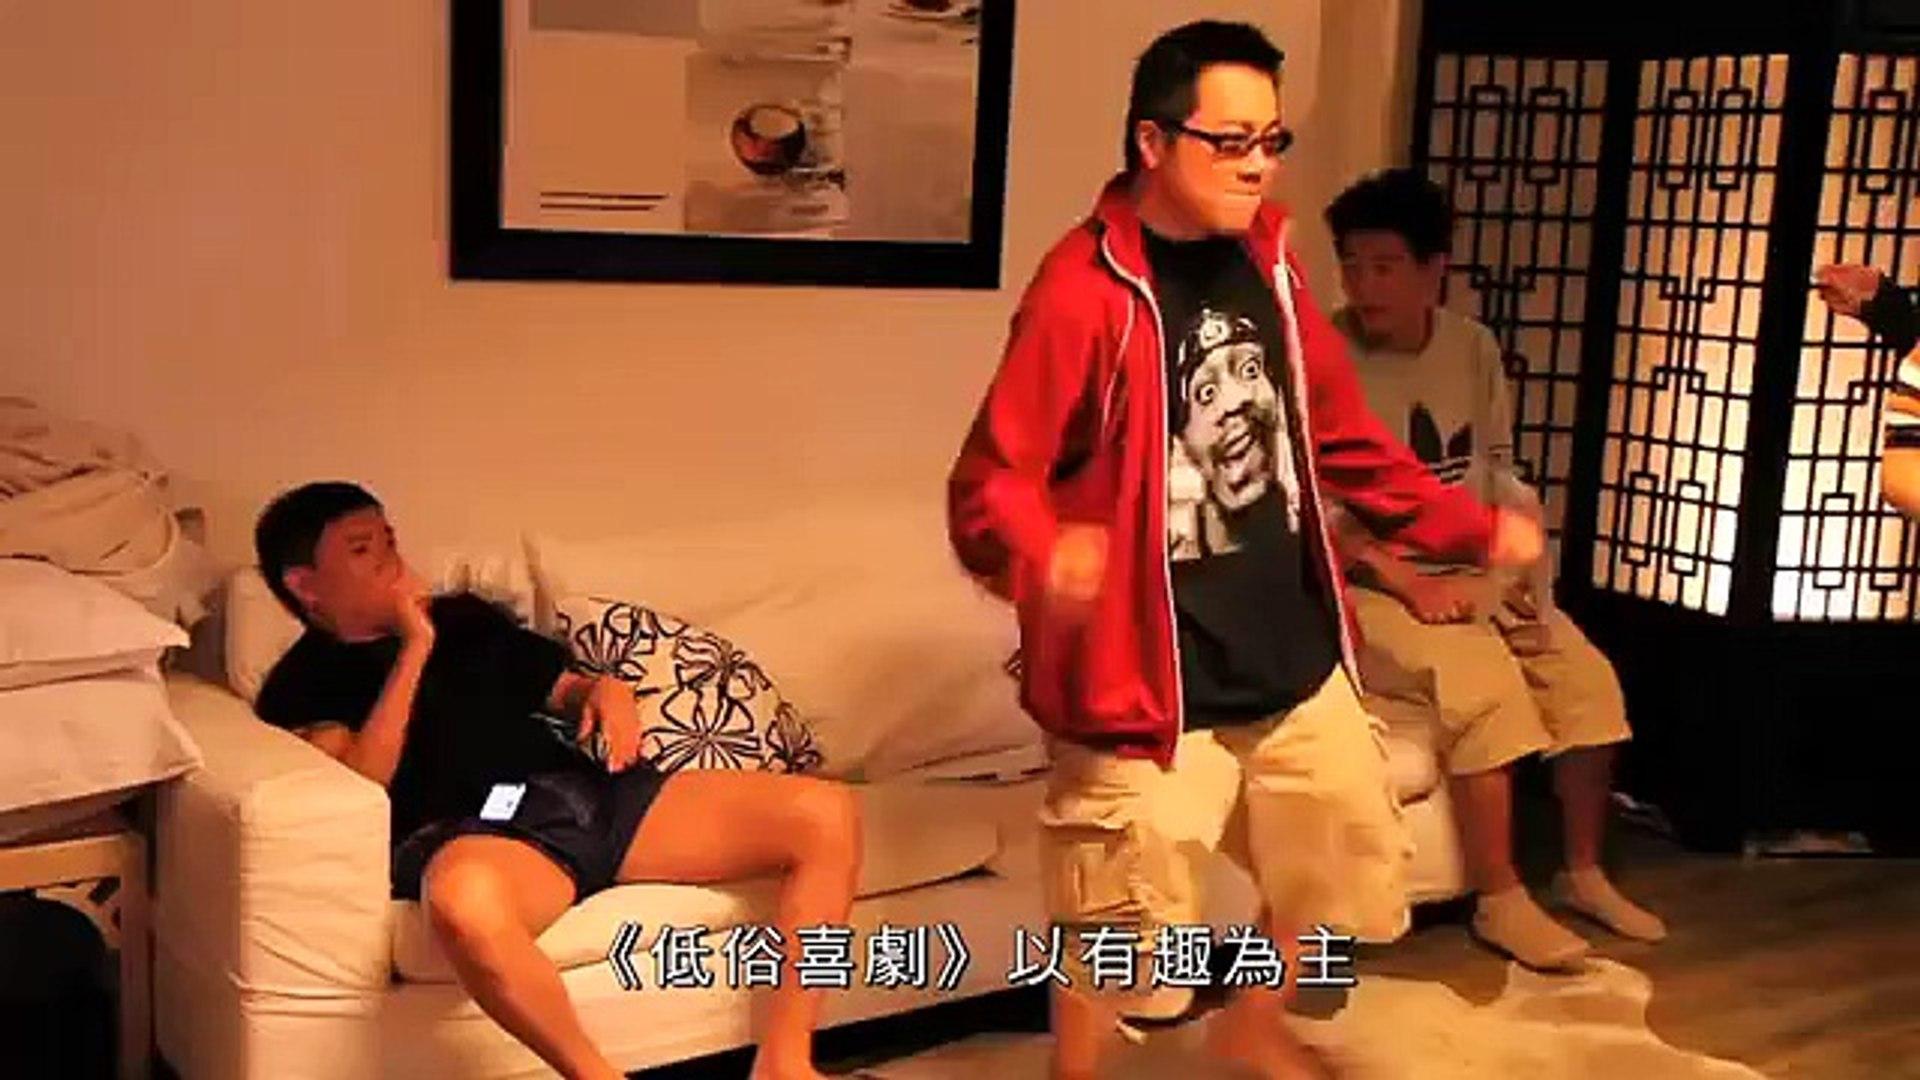 杜汶澤跟彭浩翔合作過投資電影,銳意拍香港人口味的本土製作,當中包括《破事兒》及《低俗喜劇》